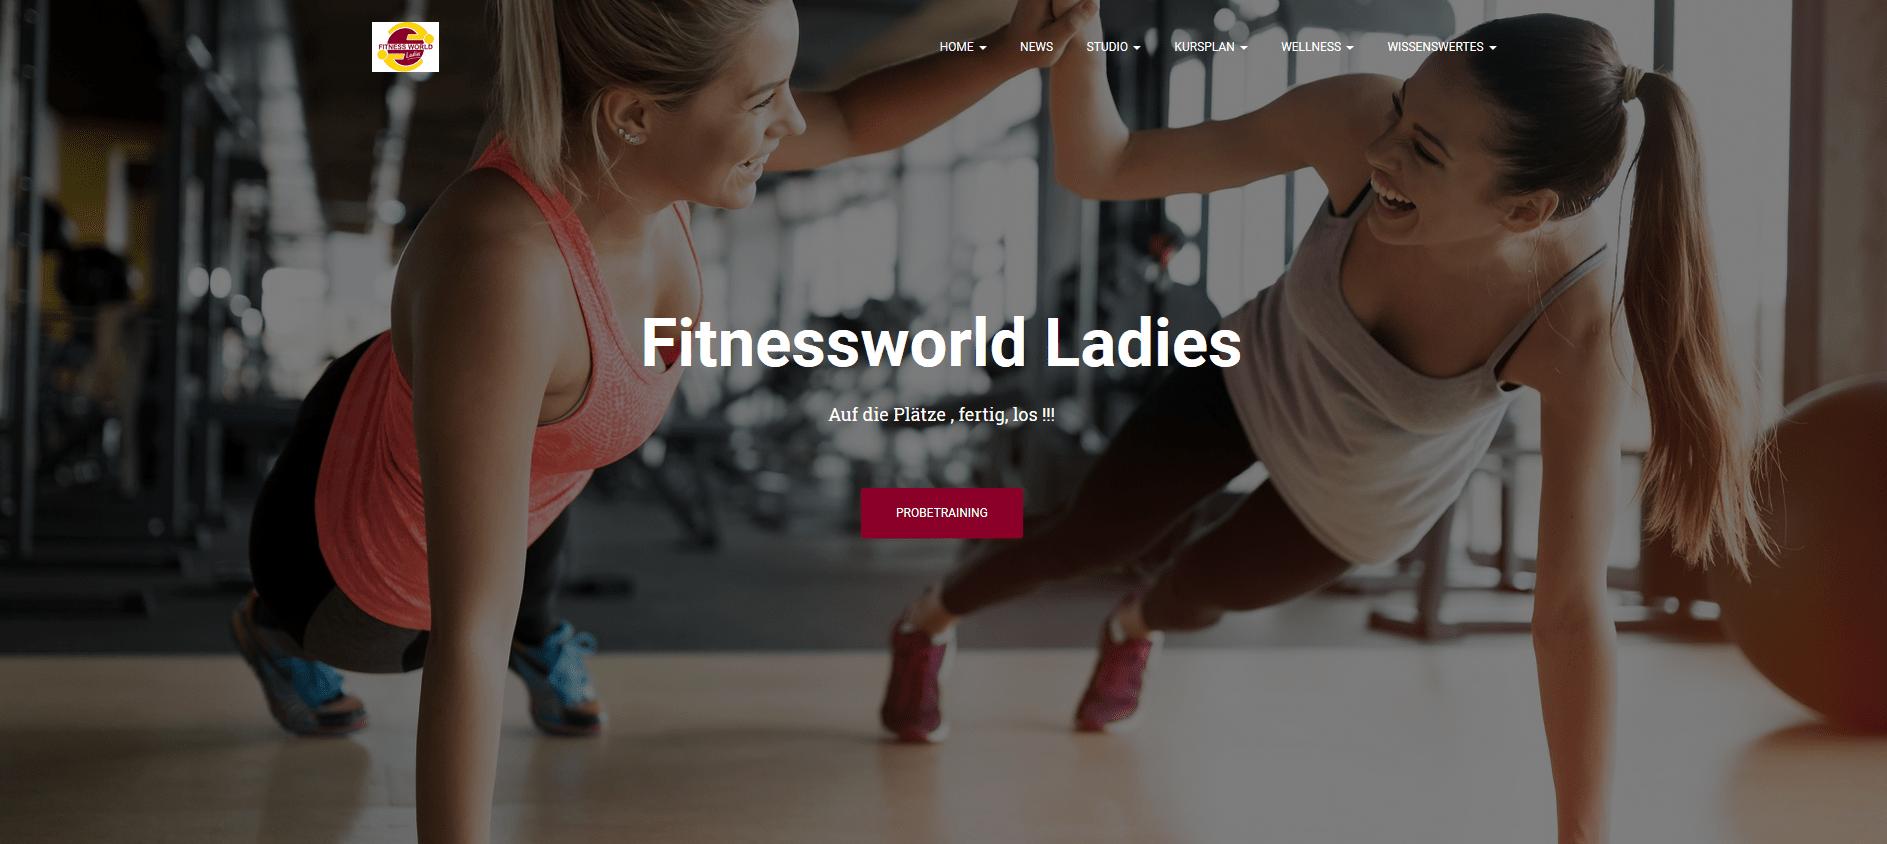 Fitnessworld Ladies Augsburg Webdesign Augsburg